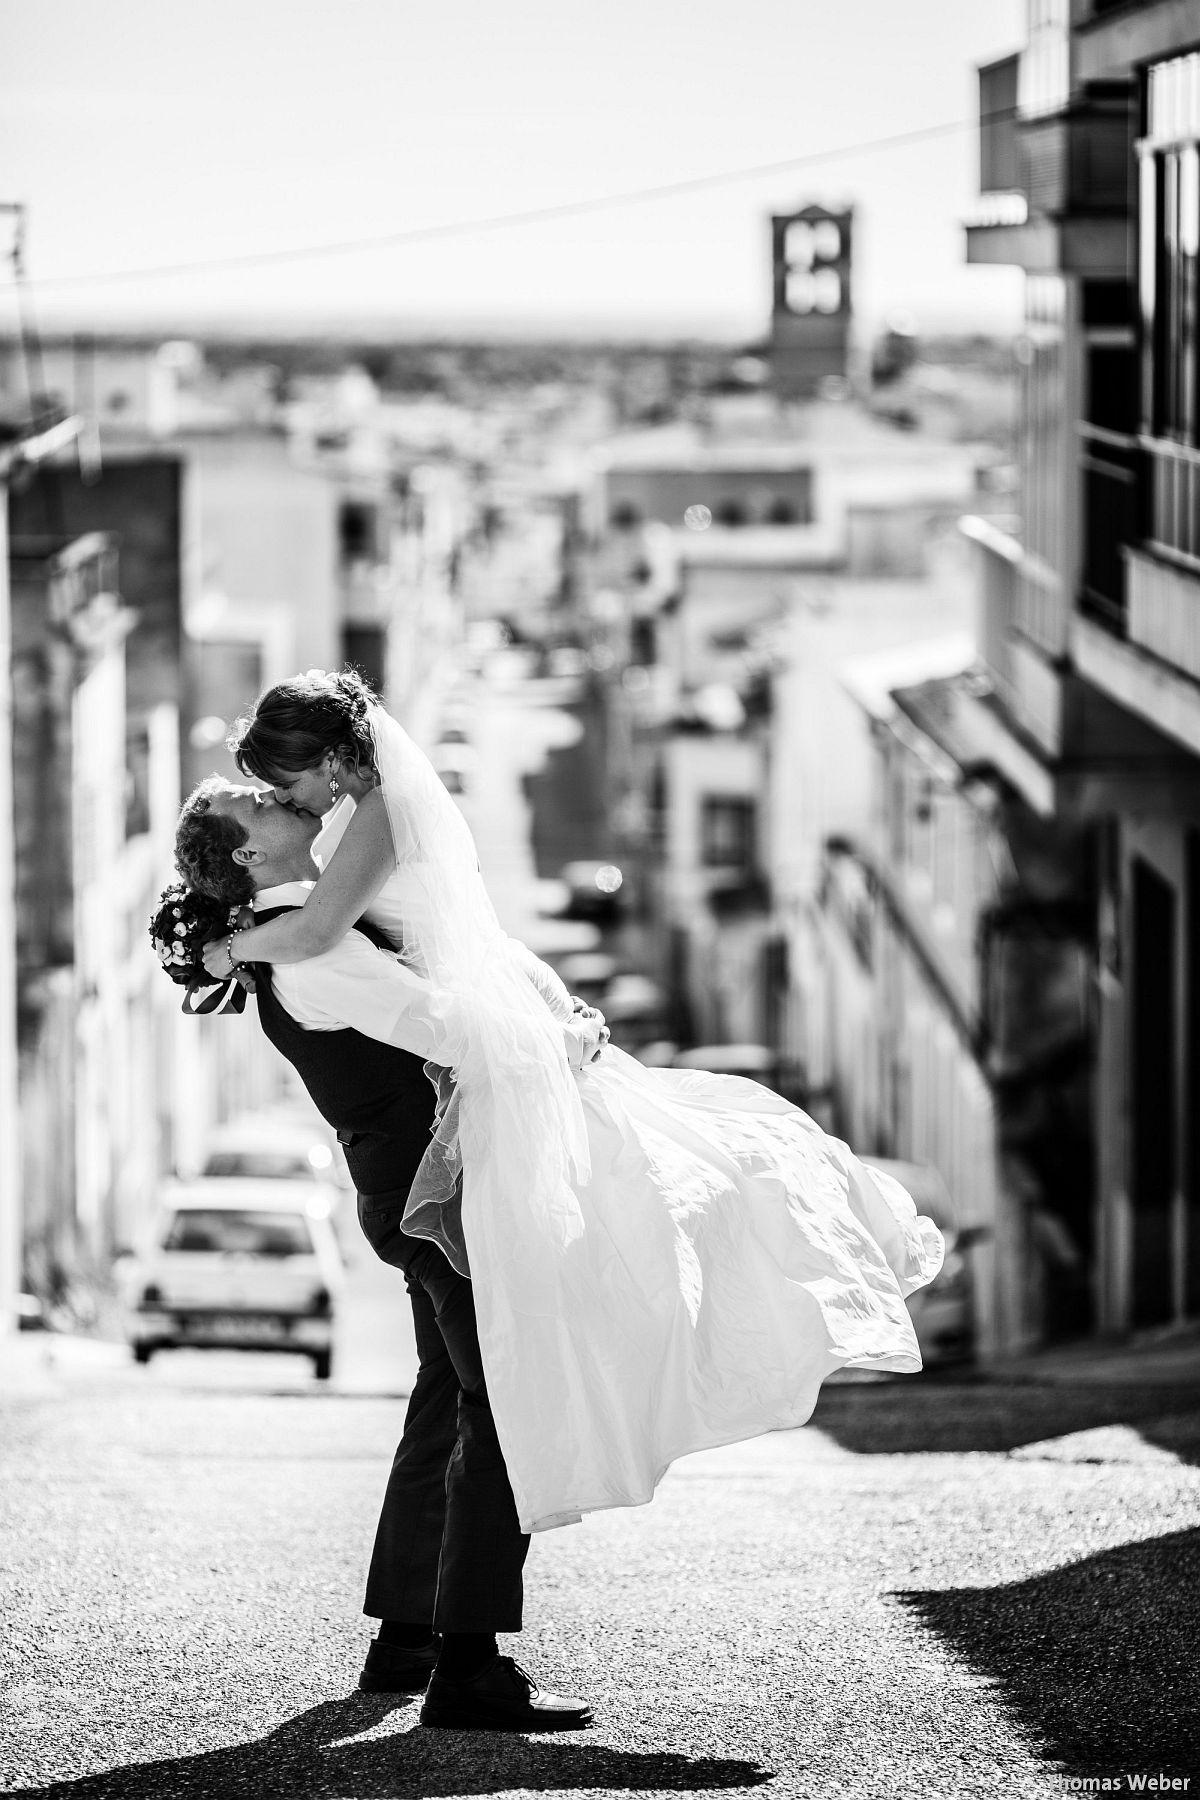 Fotograf Thomas Weber: Hochzeitsfotos und Paarfotos auf Mallorca (17)